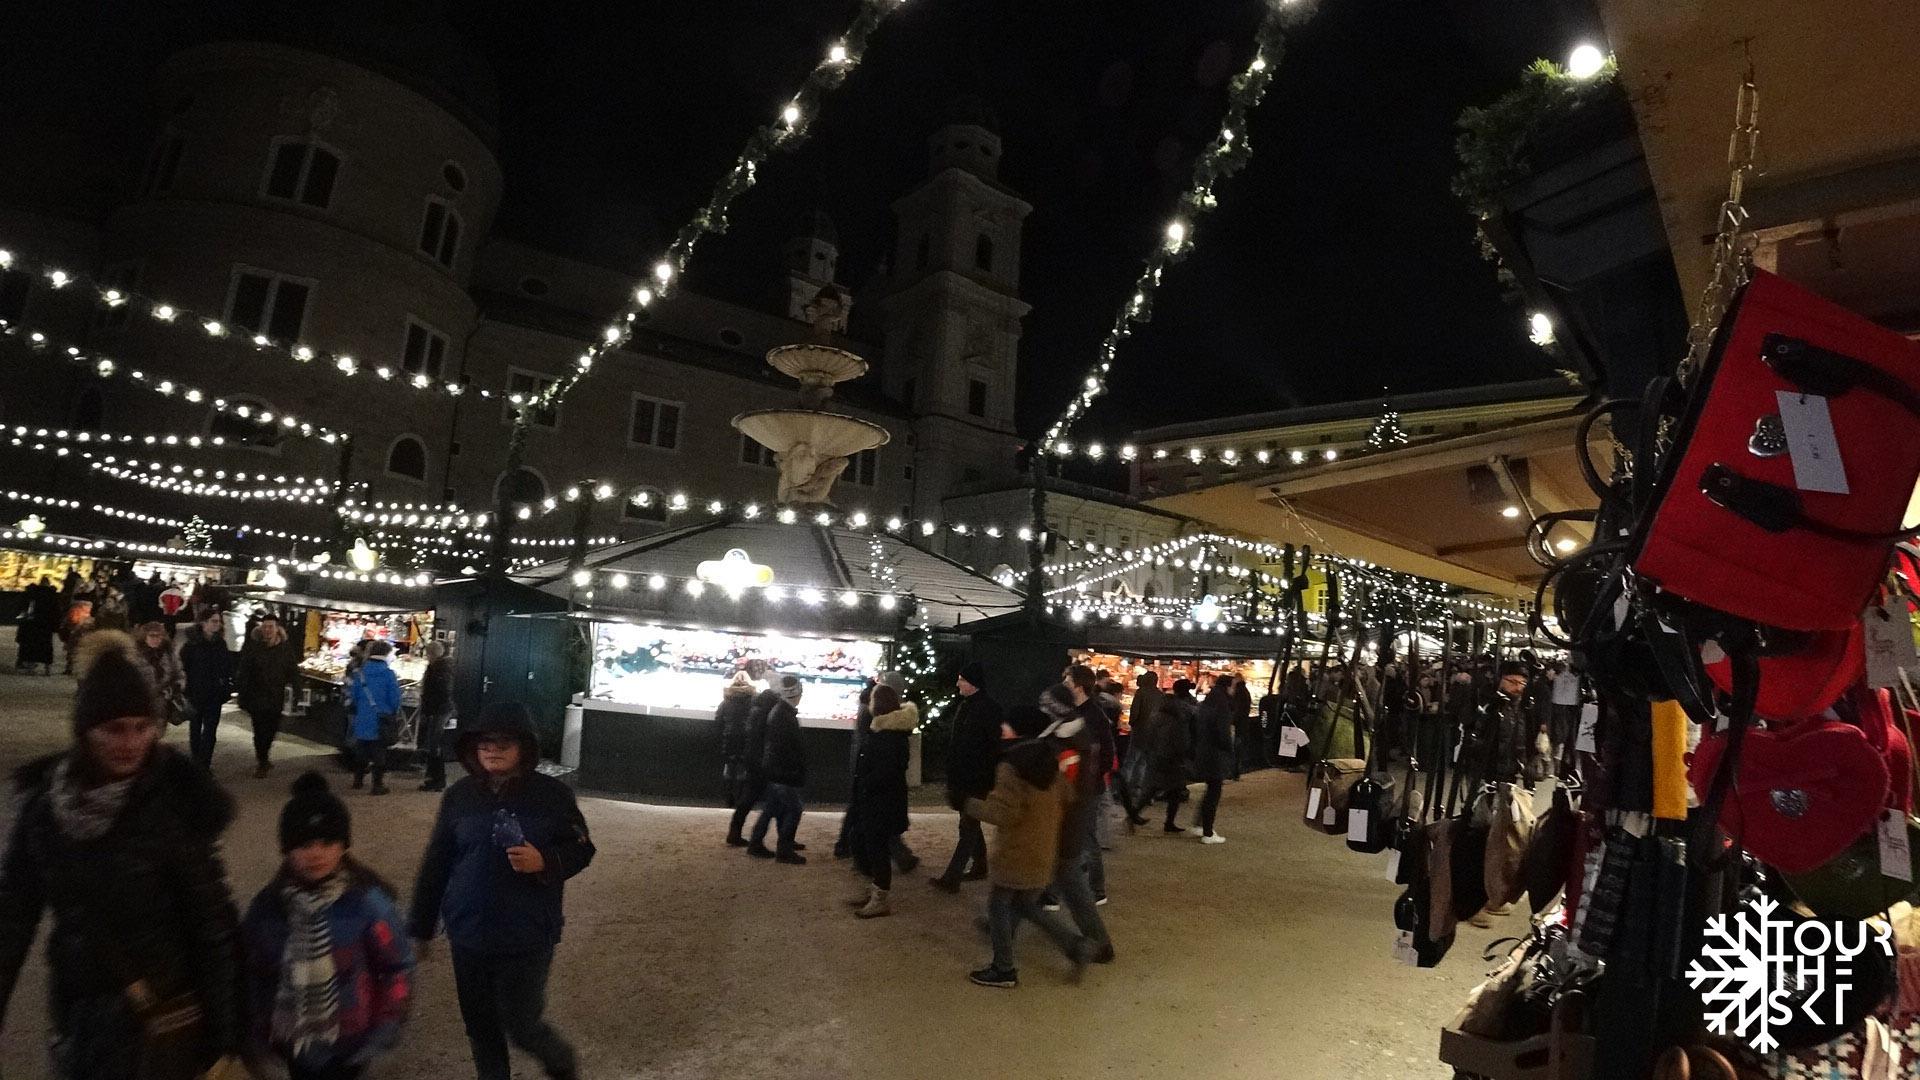 tourtheski-Salzburg-2017-011